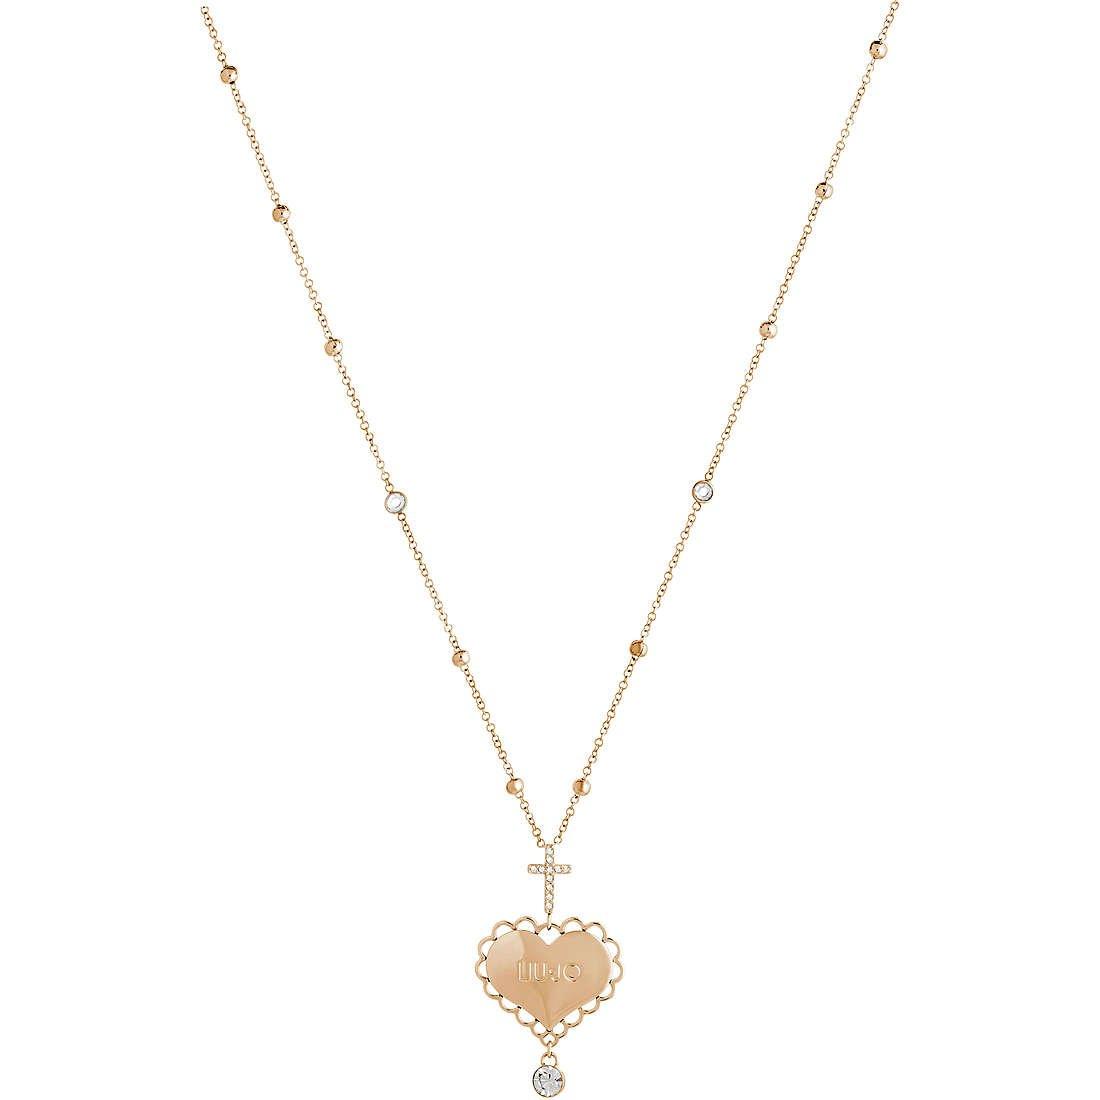 verre-gioielli-collana-donna-gioielli-liujo-sacred-passion-san-valentino-lj1448